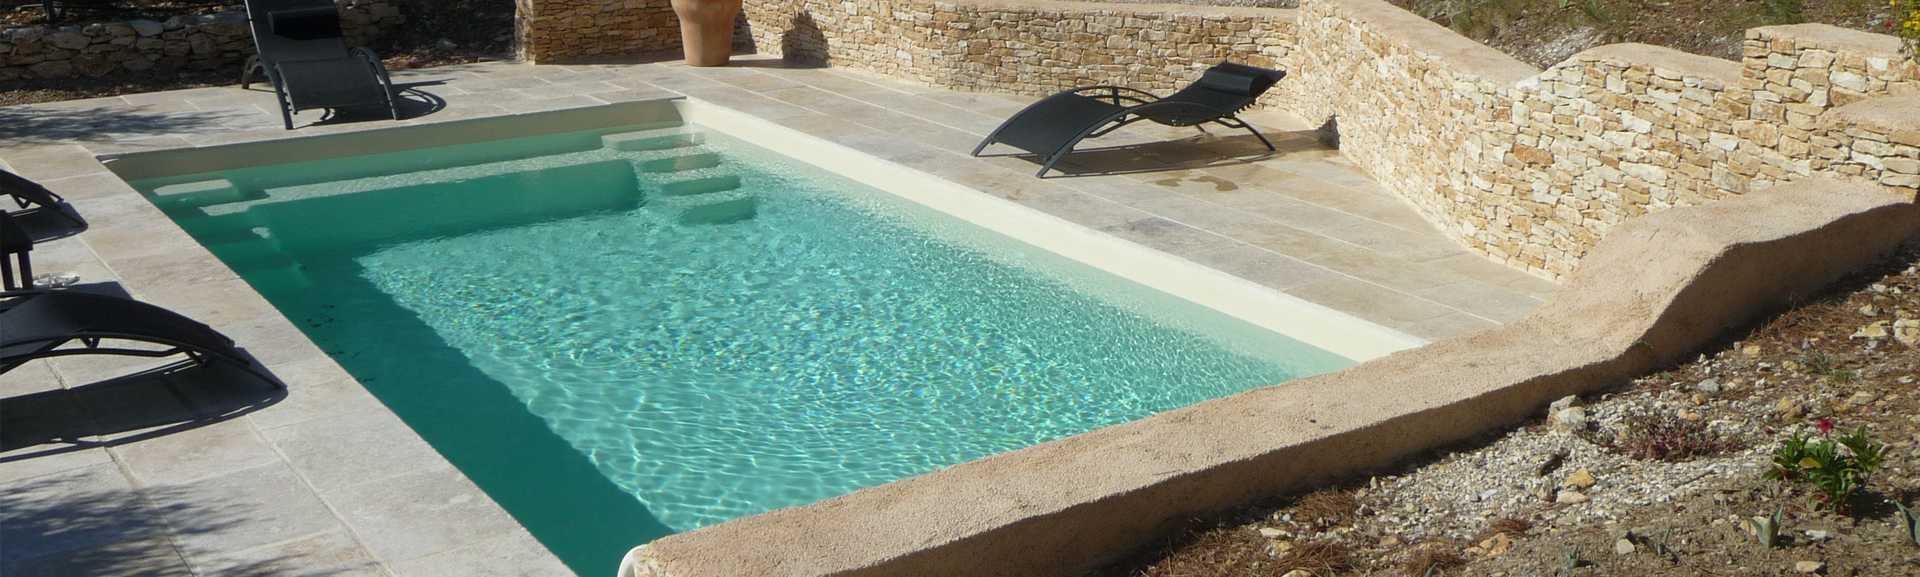 piscine acore